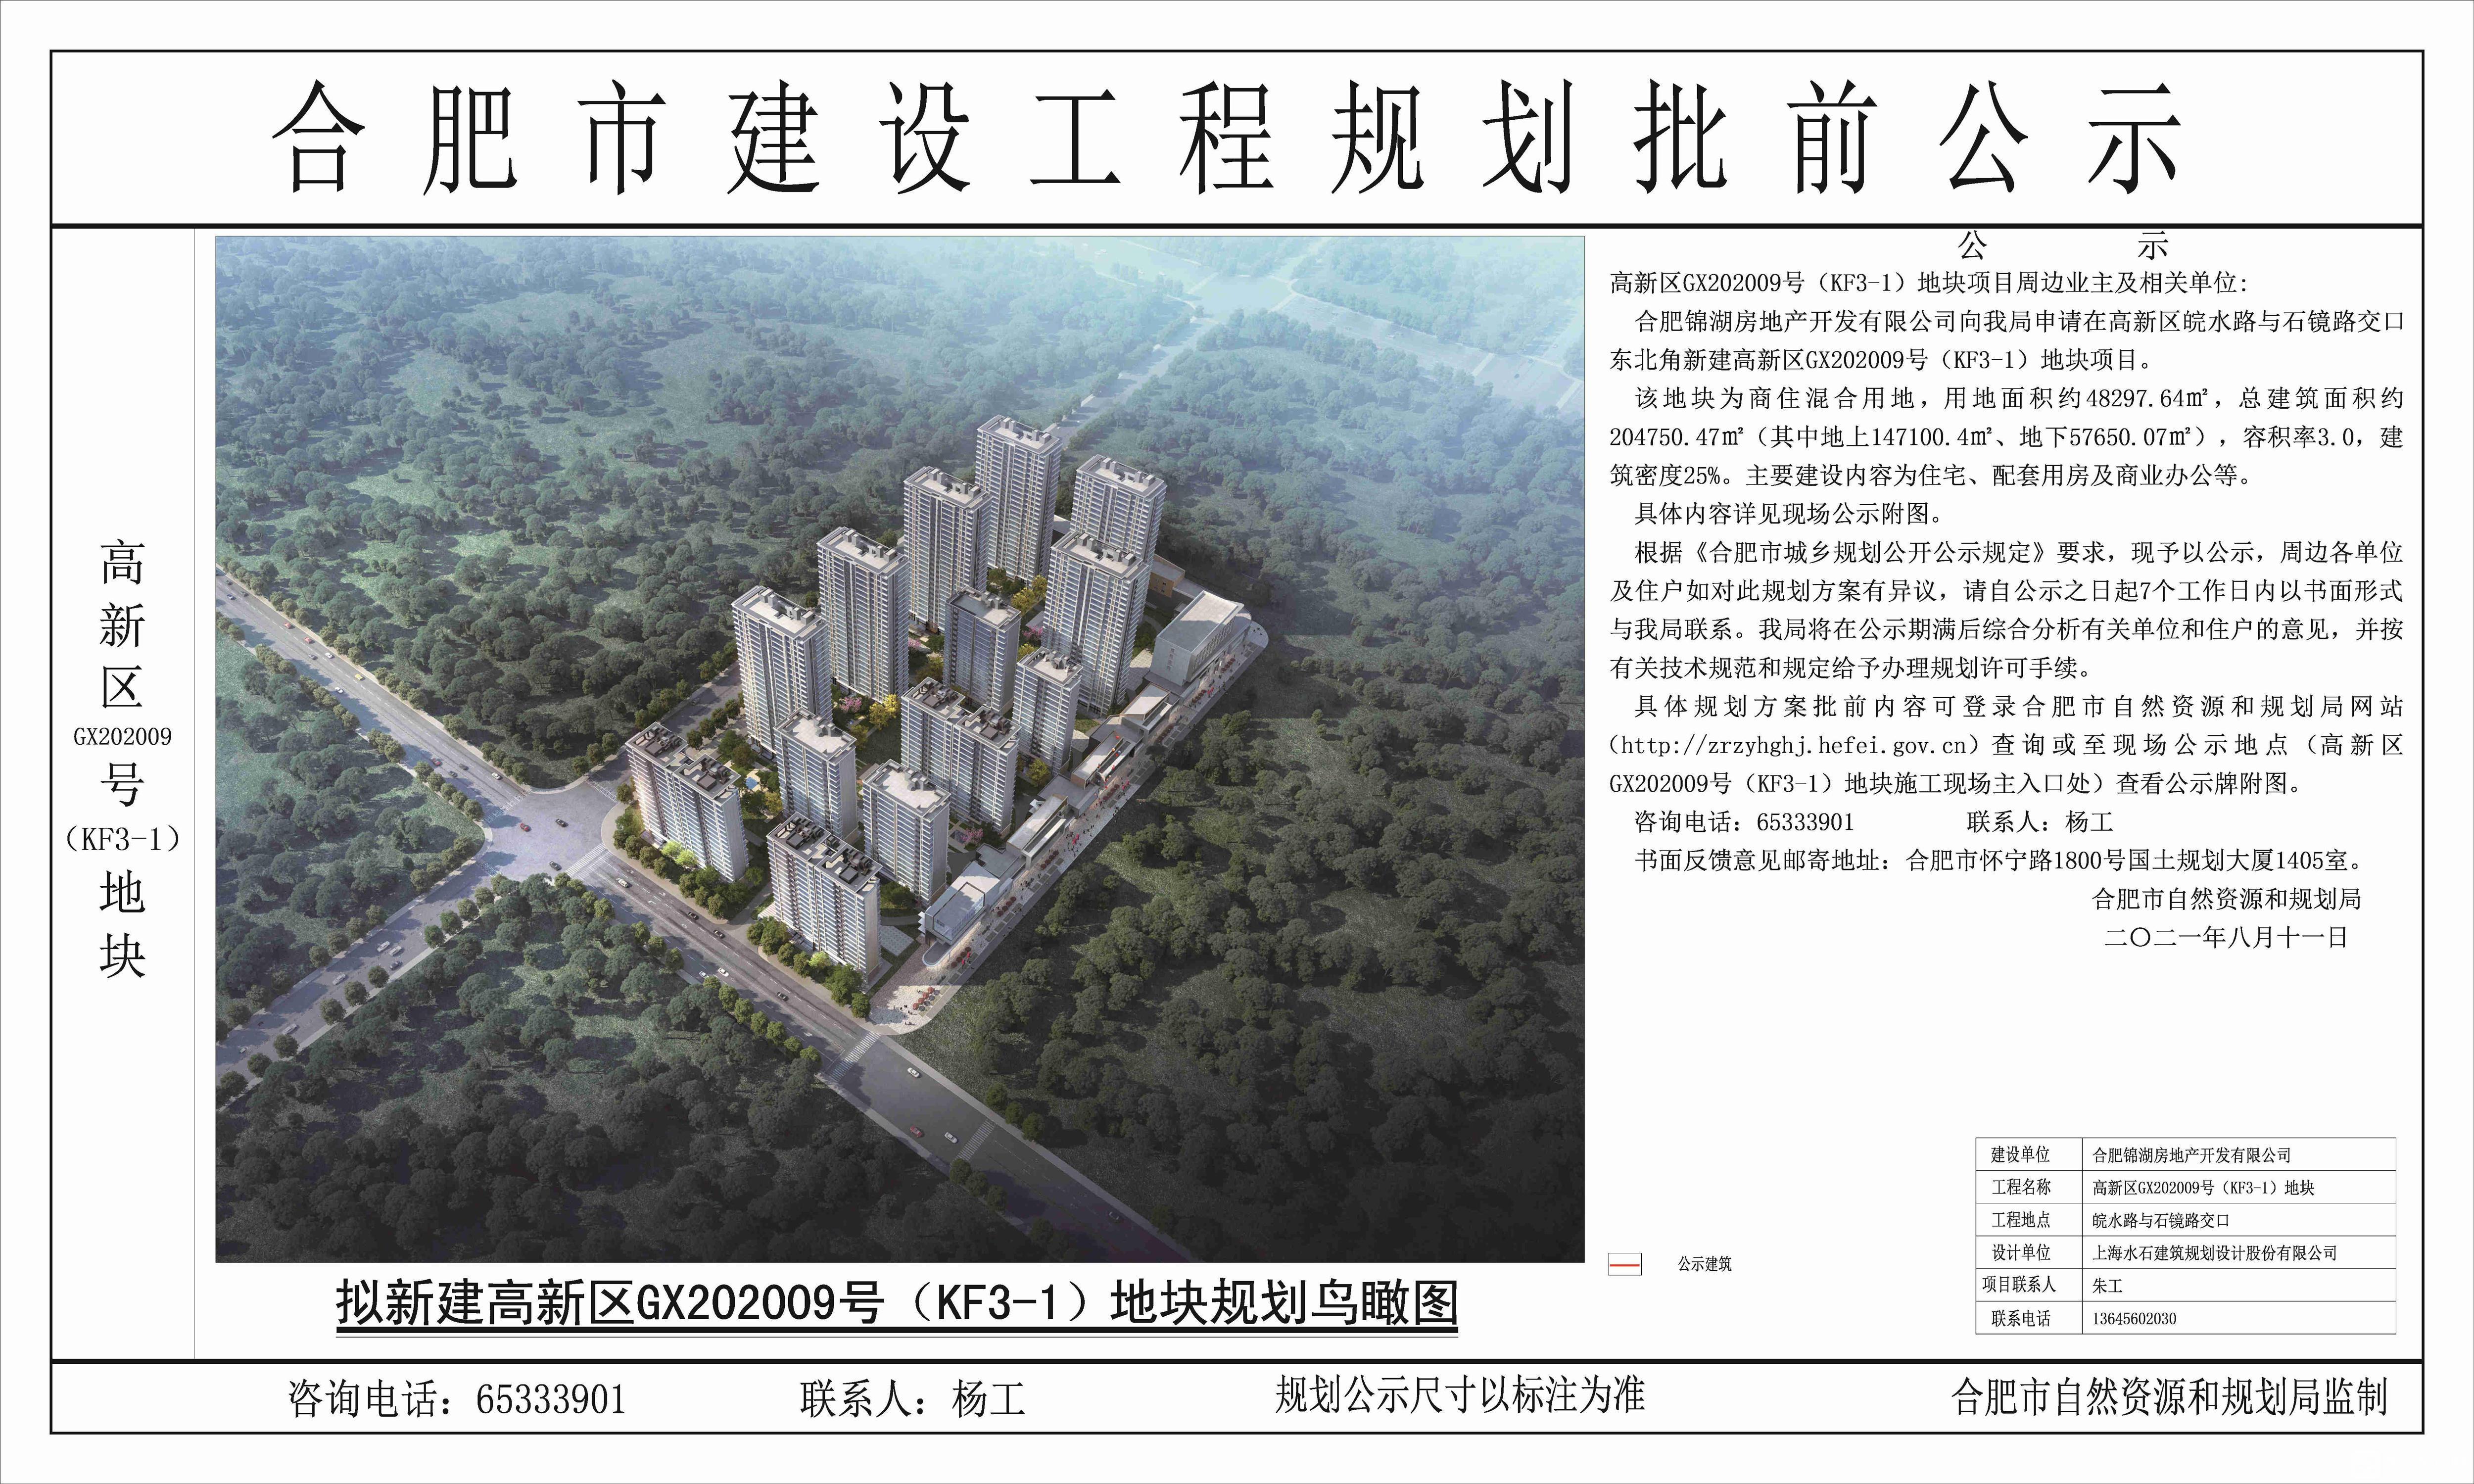 龙湖高新KF3-1地块公示图-模型3 副本_副本_副本